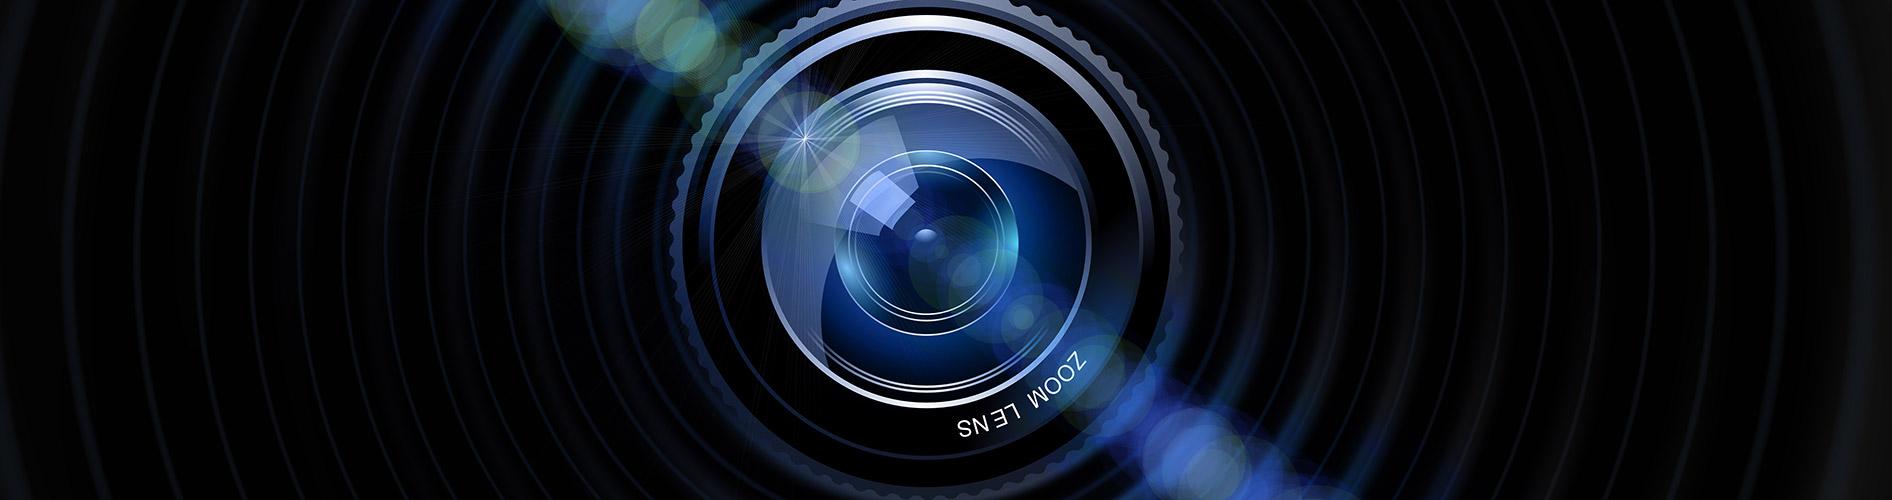 Objektive für Bildverarbeitungssysteme